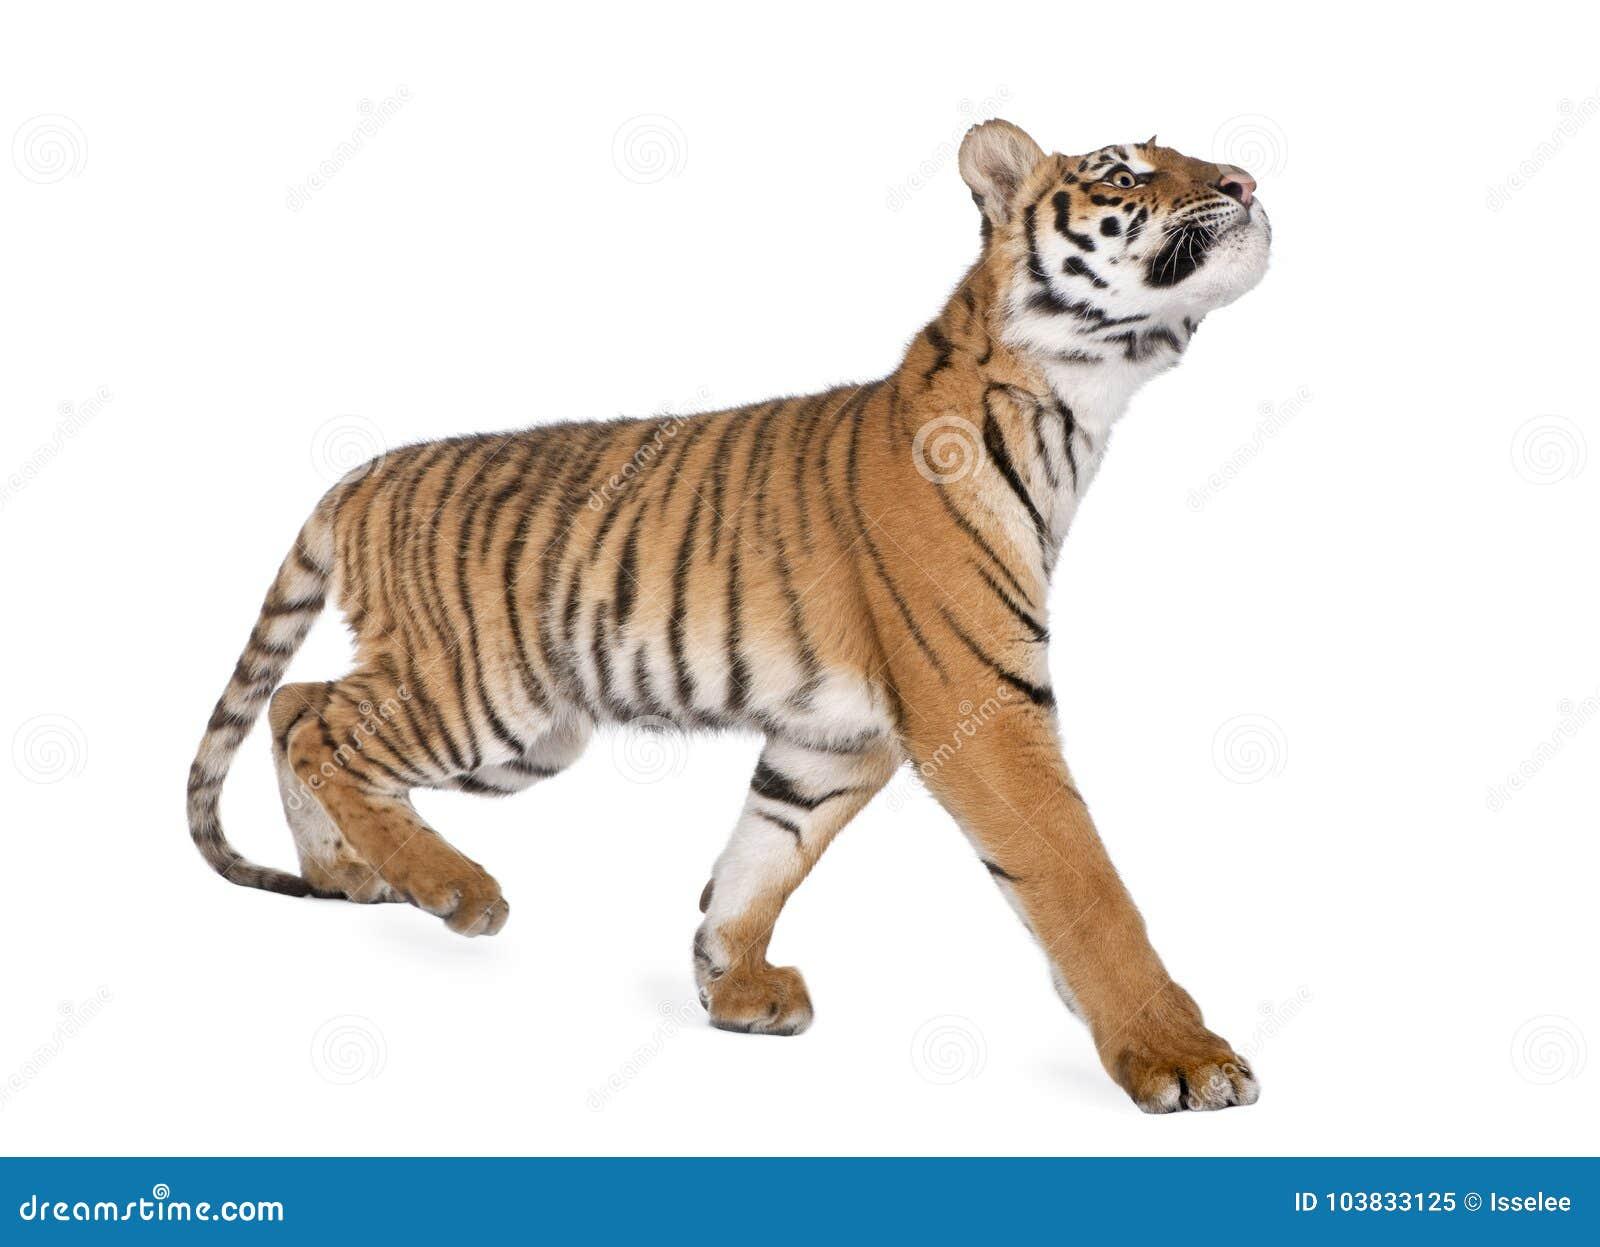 Тигр Бенгалии, пантера Тигр Тигр, 1-ти летний